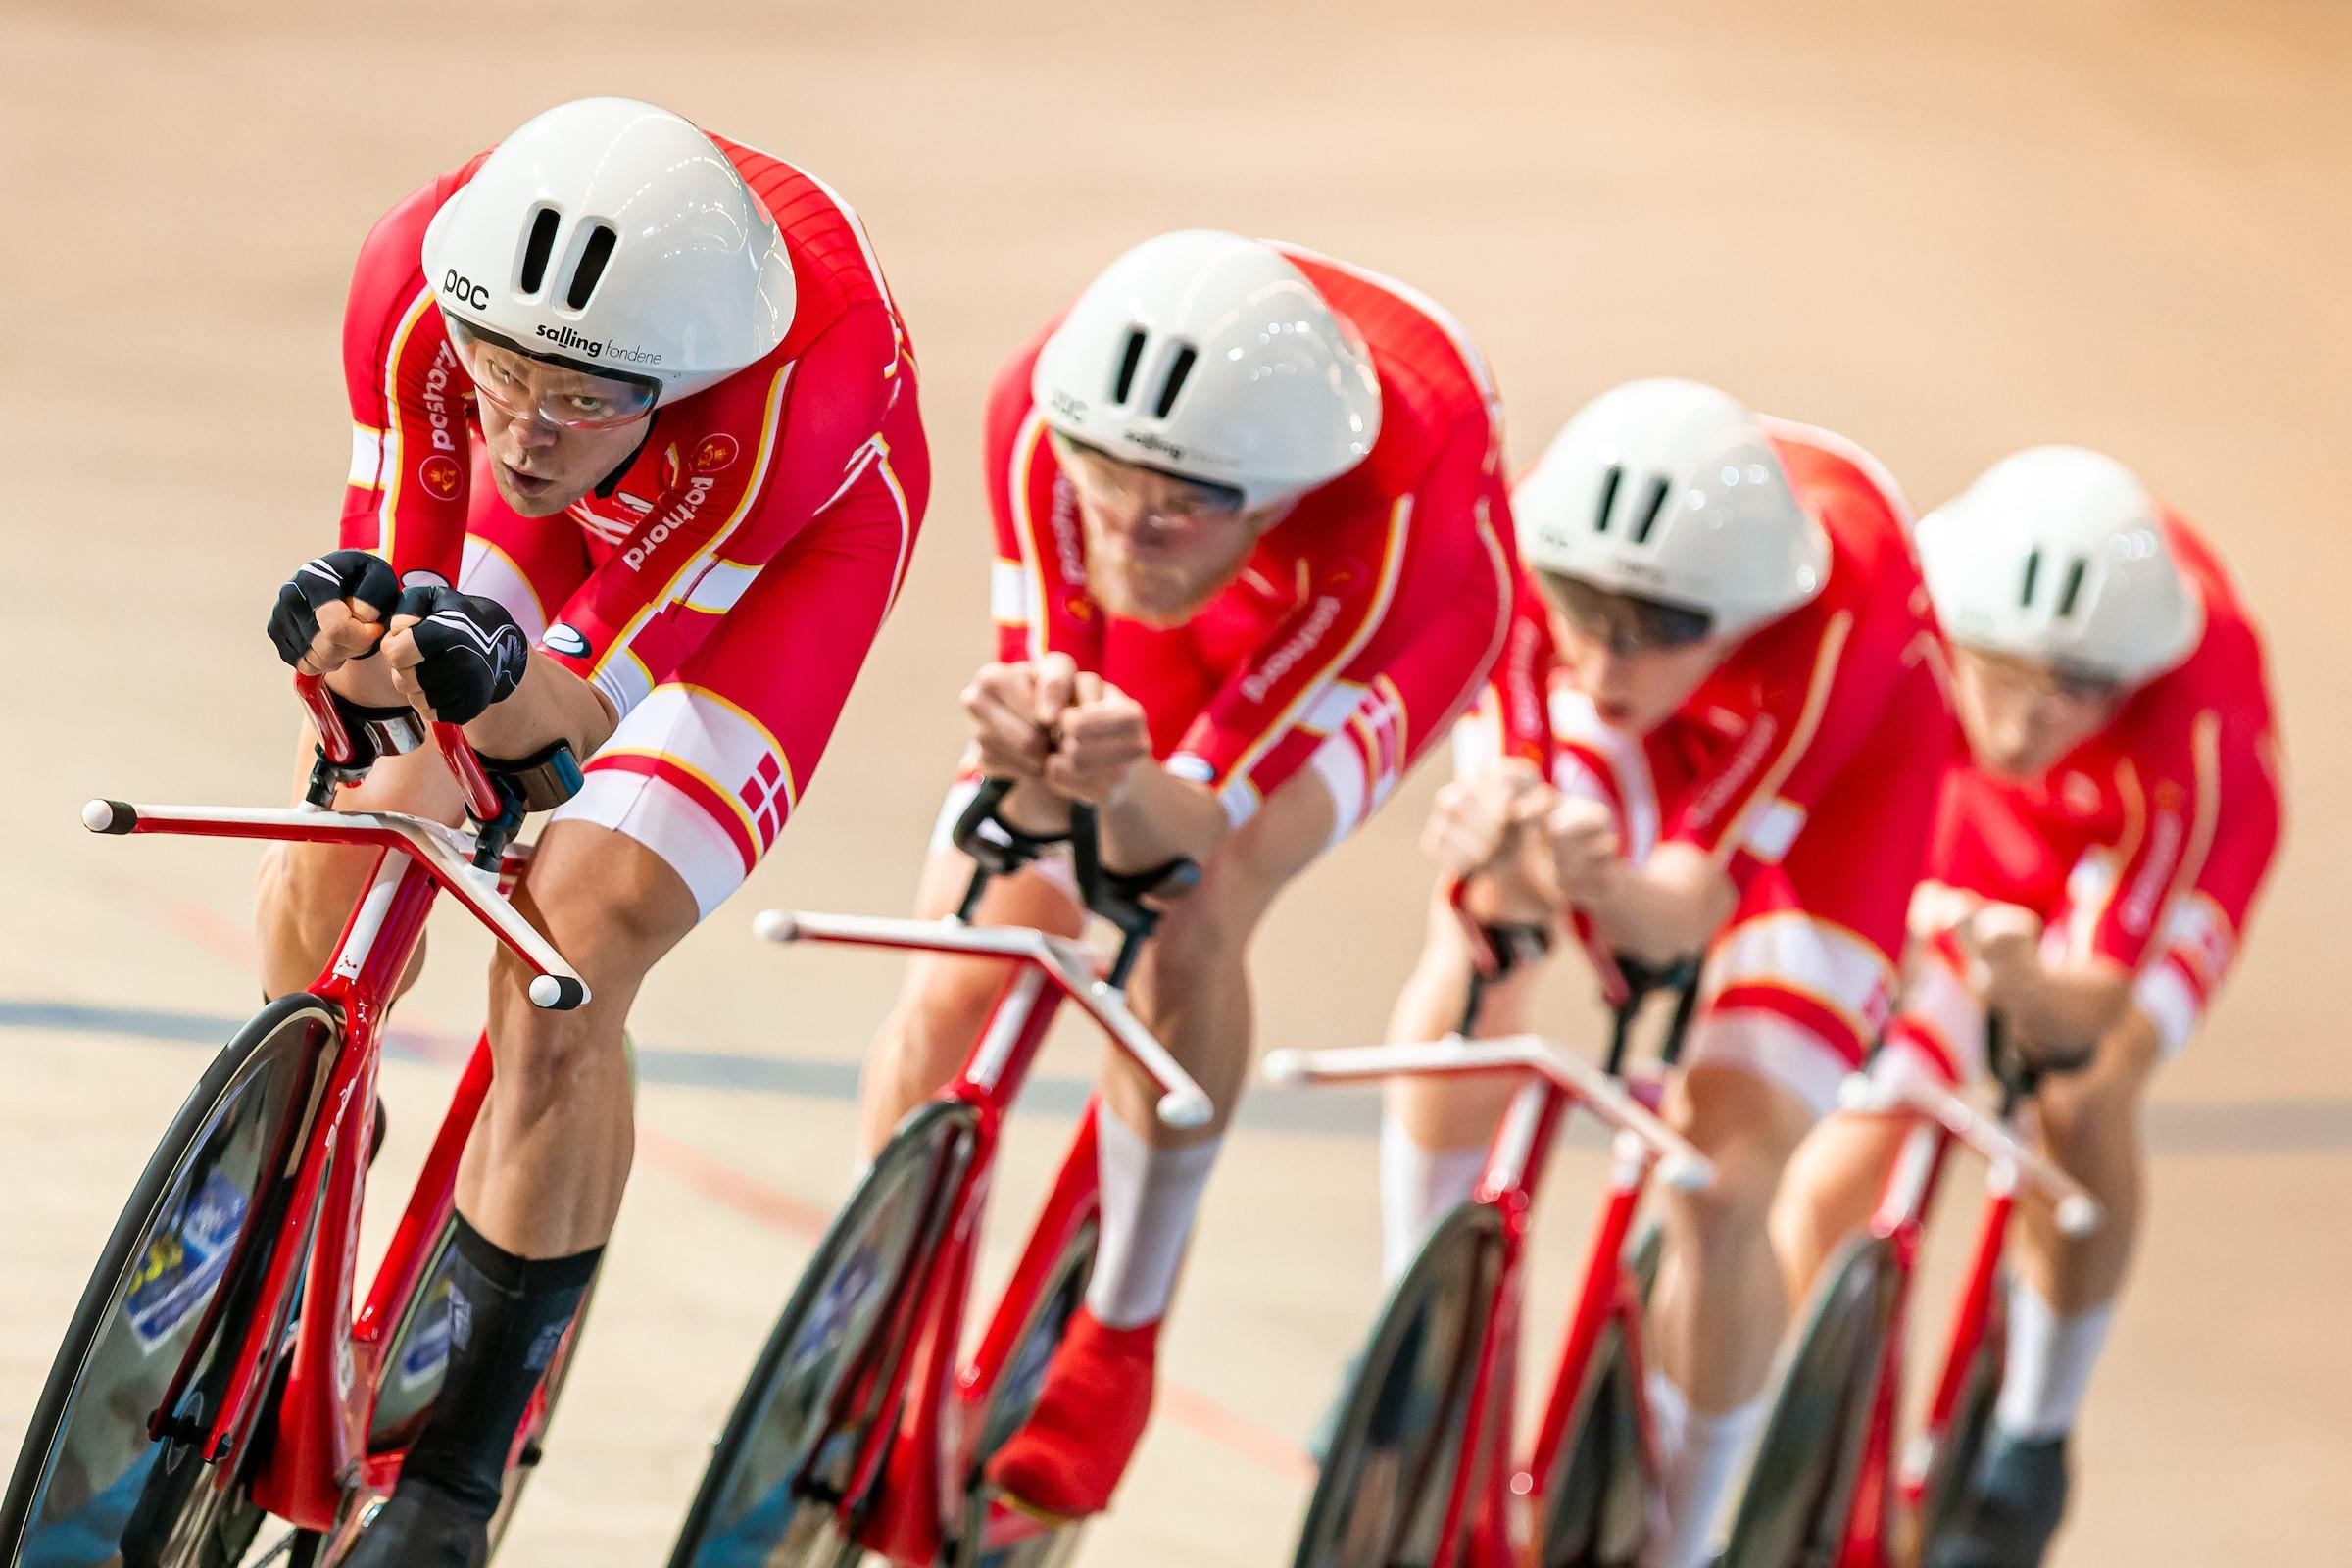 Danske medaljeforhåbninger ved VM i banecykling